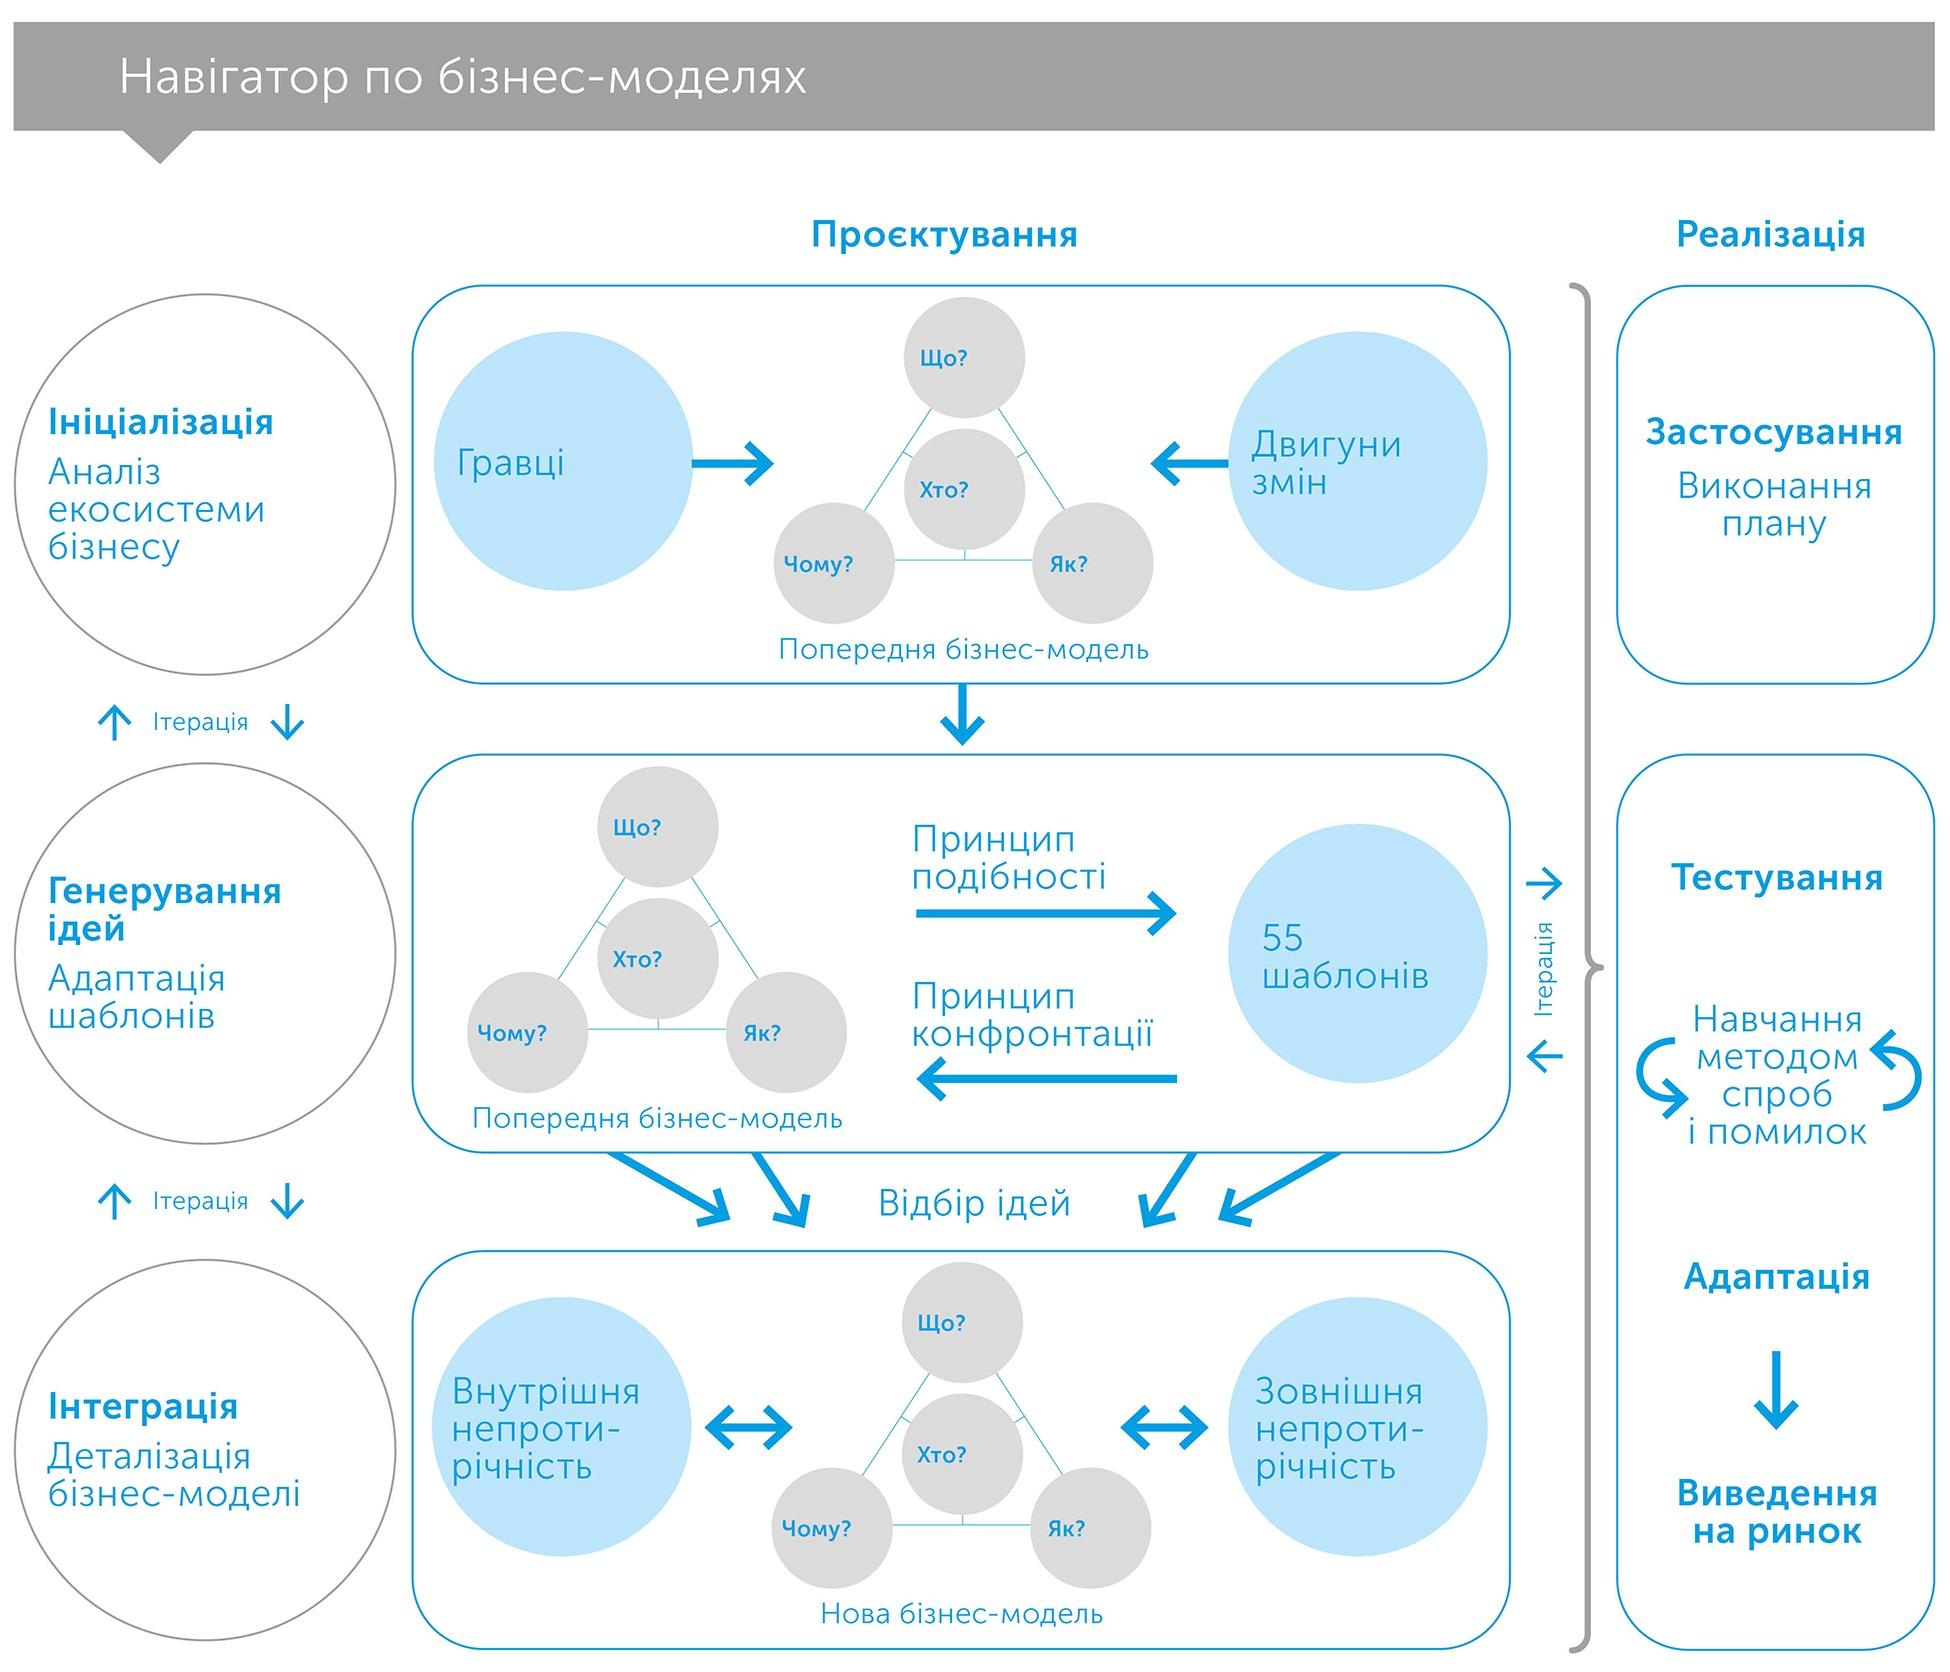 Бізнес-моделі, автор Оливер Гассман | Kyivstar Business Hub, зображення №5